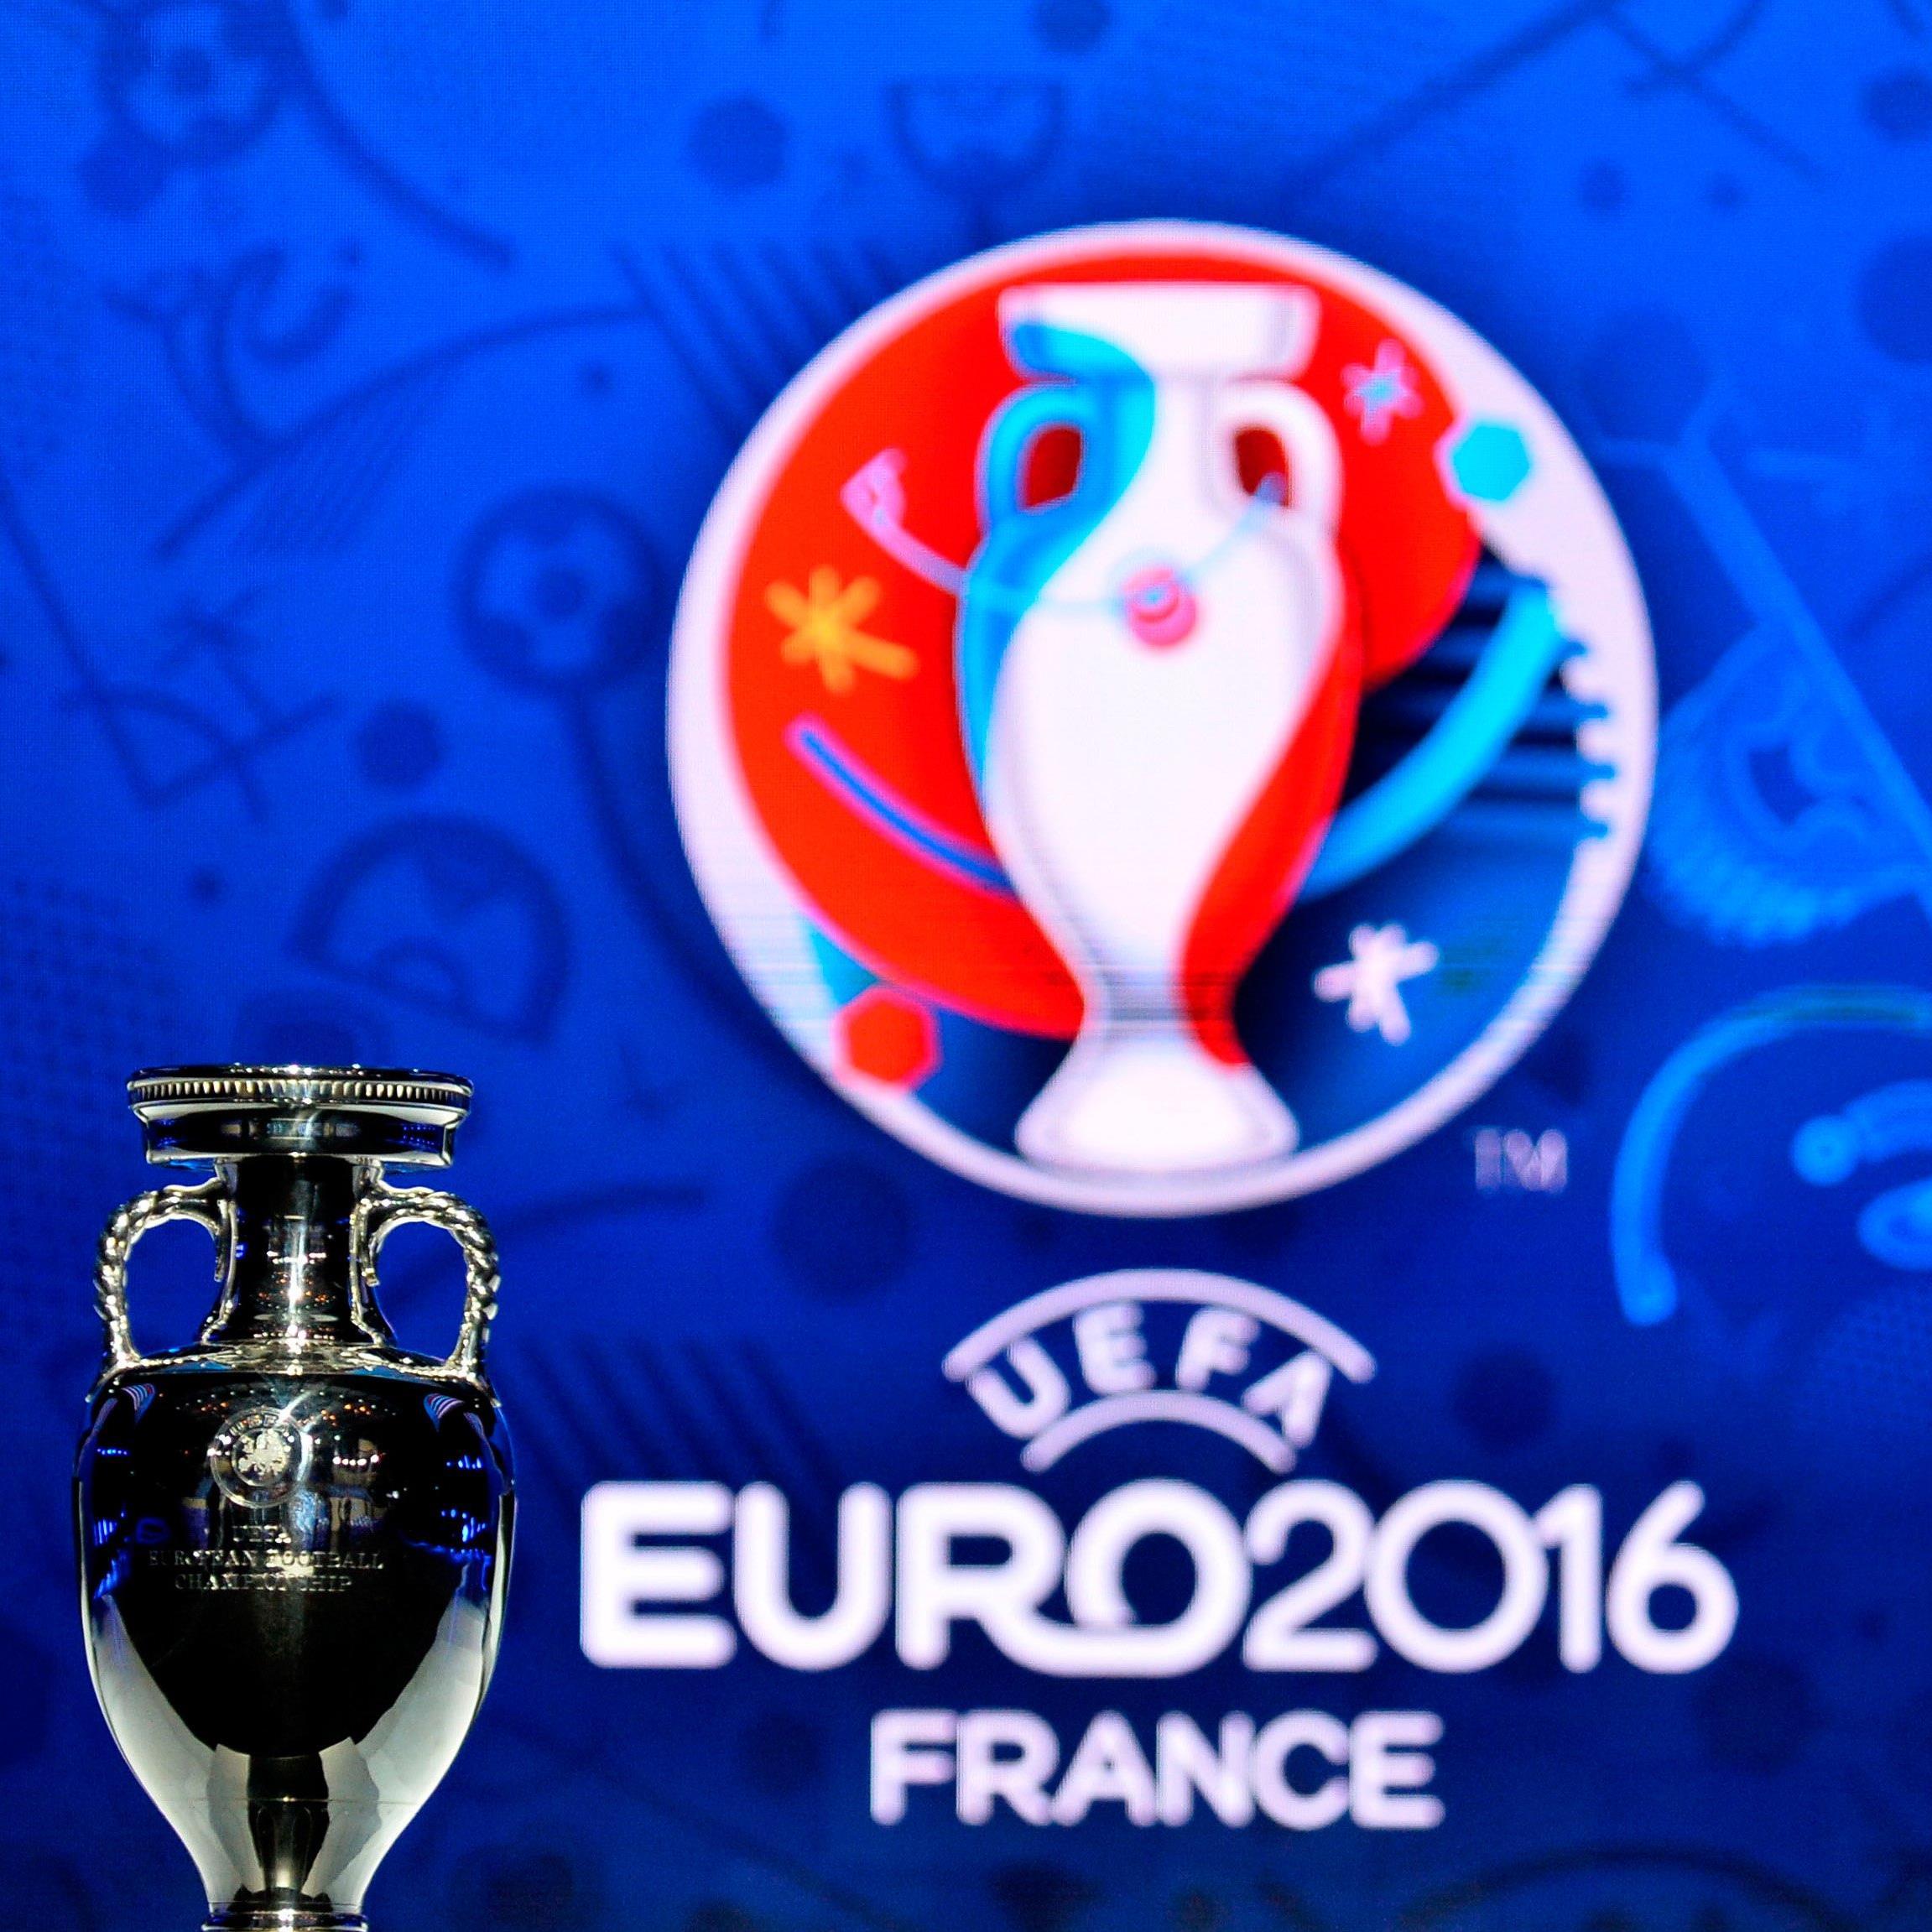 Welches Land holt sich den EM-Pokal in Frankreich?